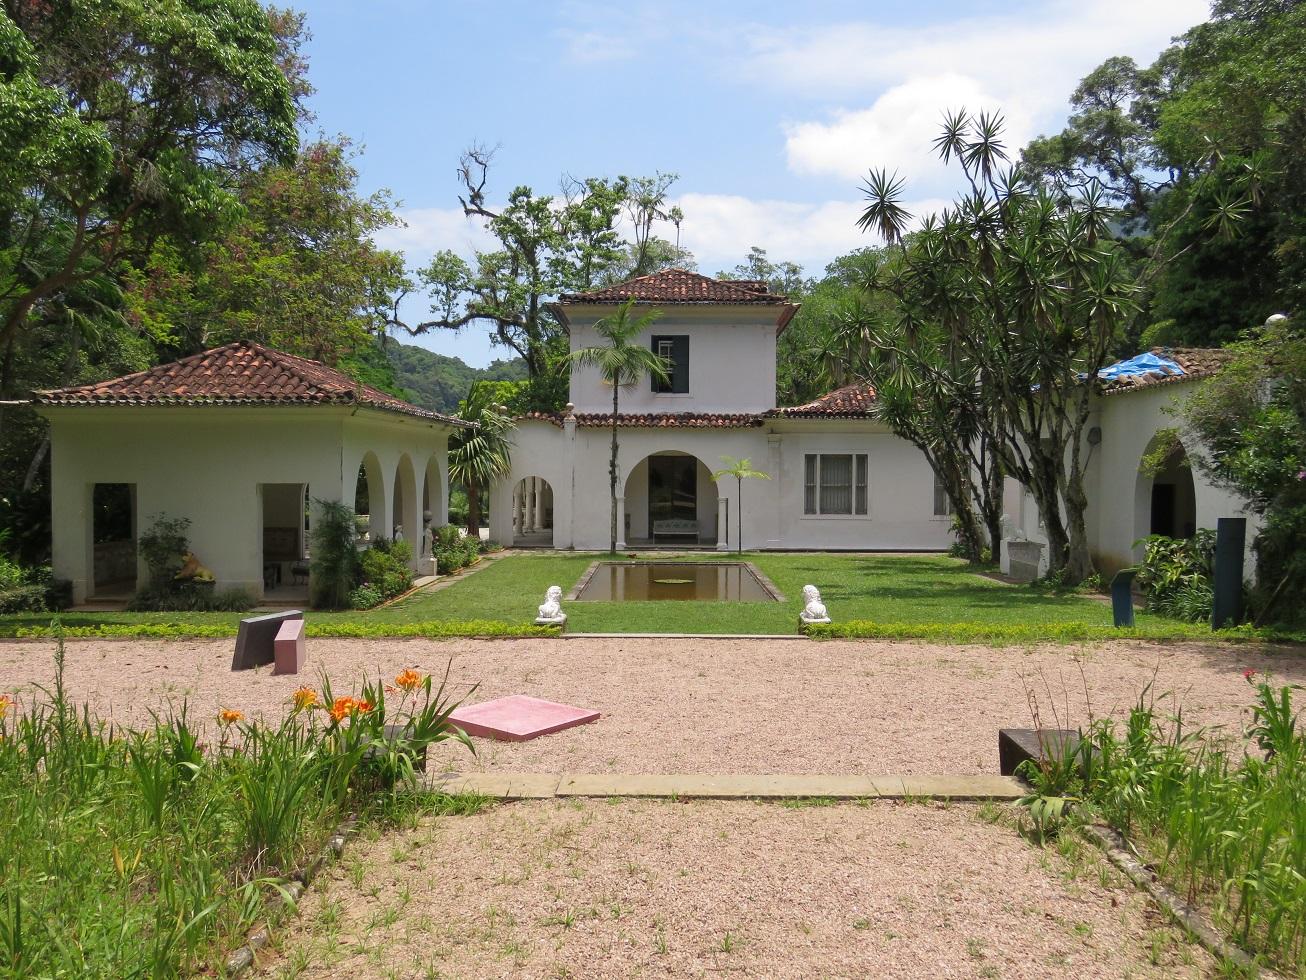 O Museu do Açude sofre com problemas de conservação e de acesso. Foto Júlia Rabello